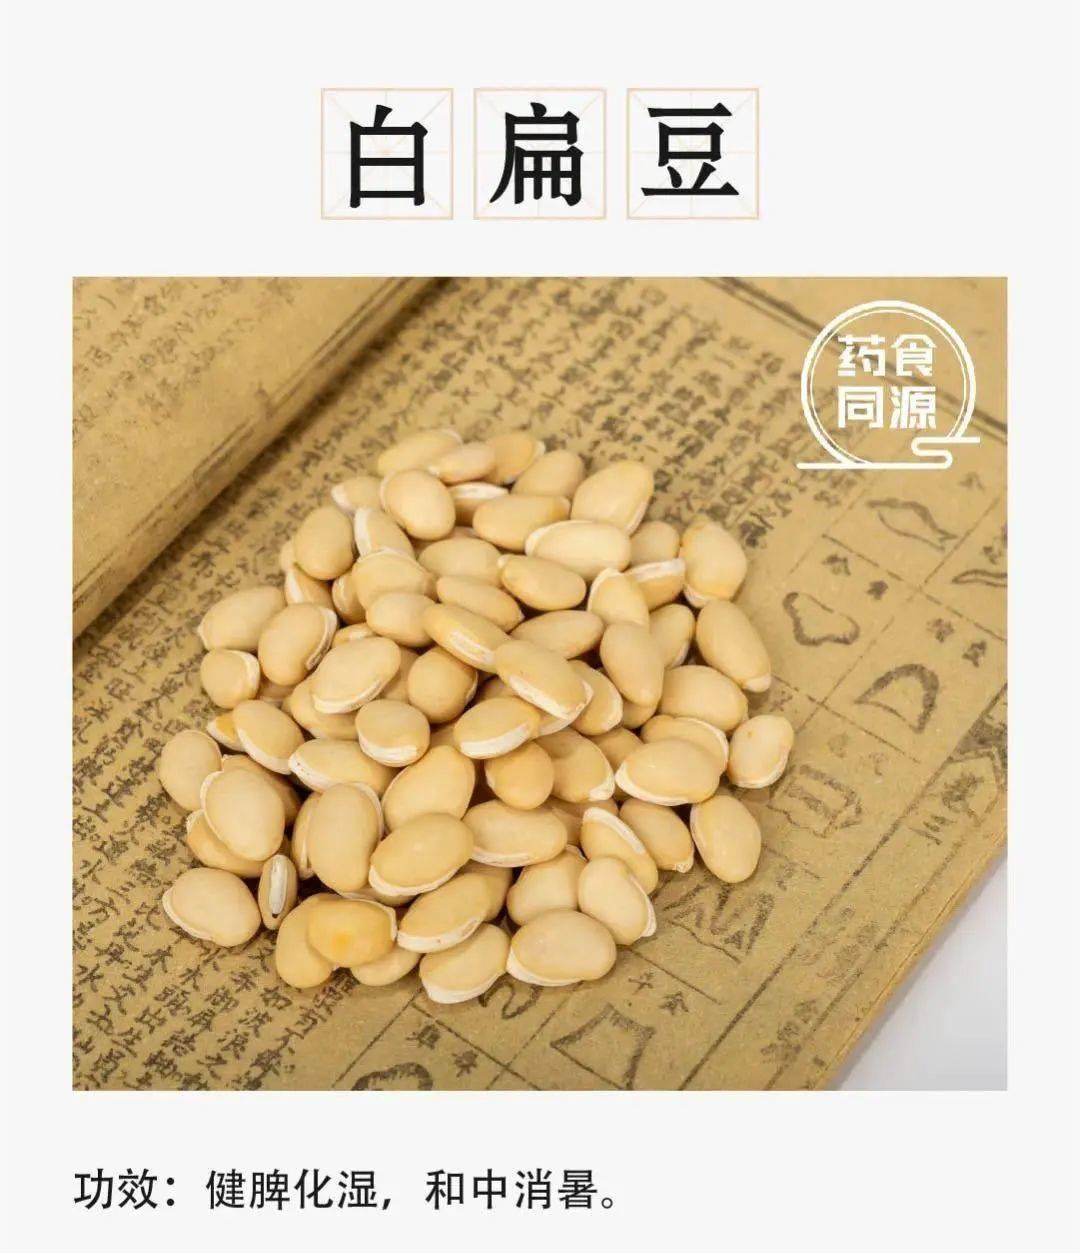 山药搭配扁豆